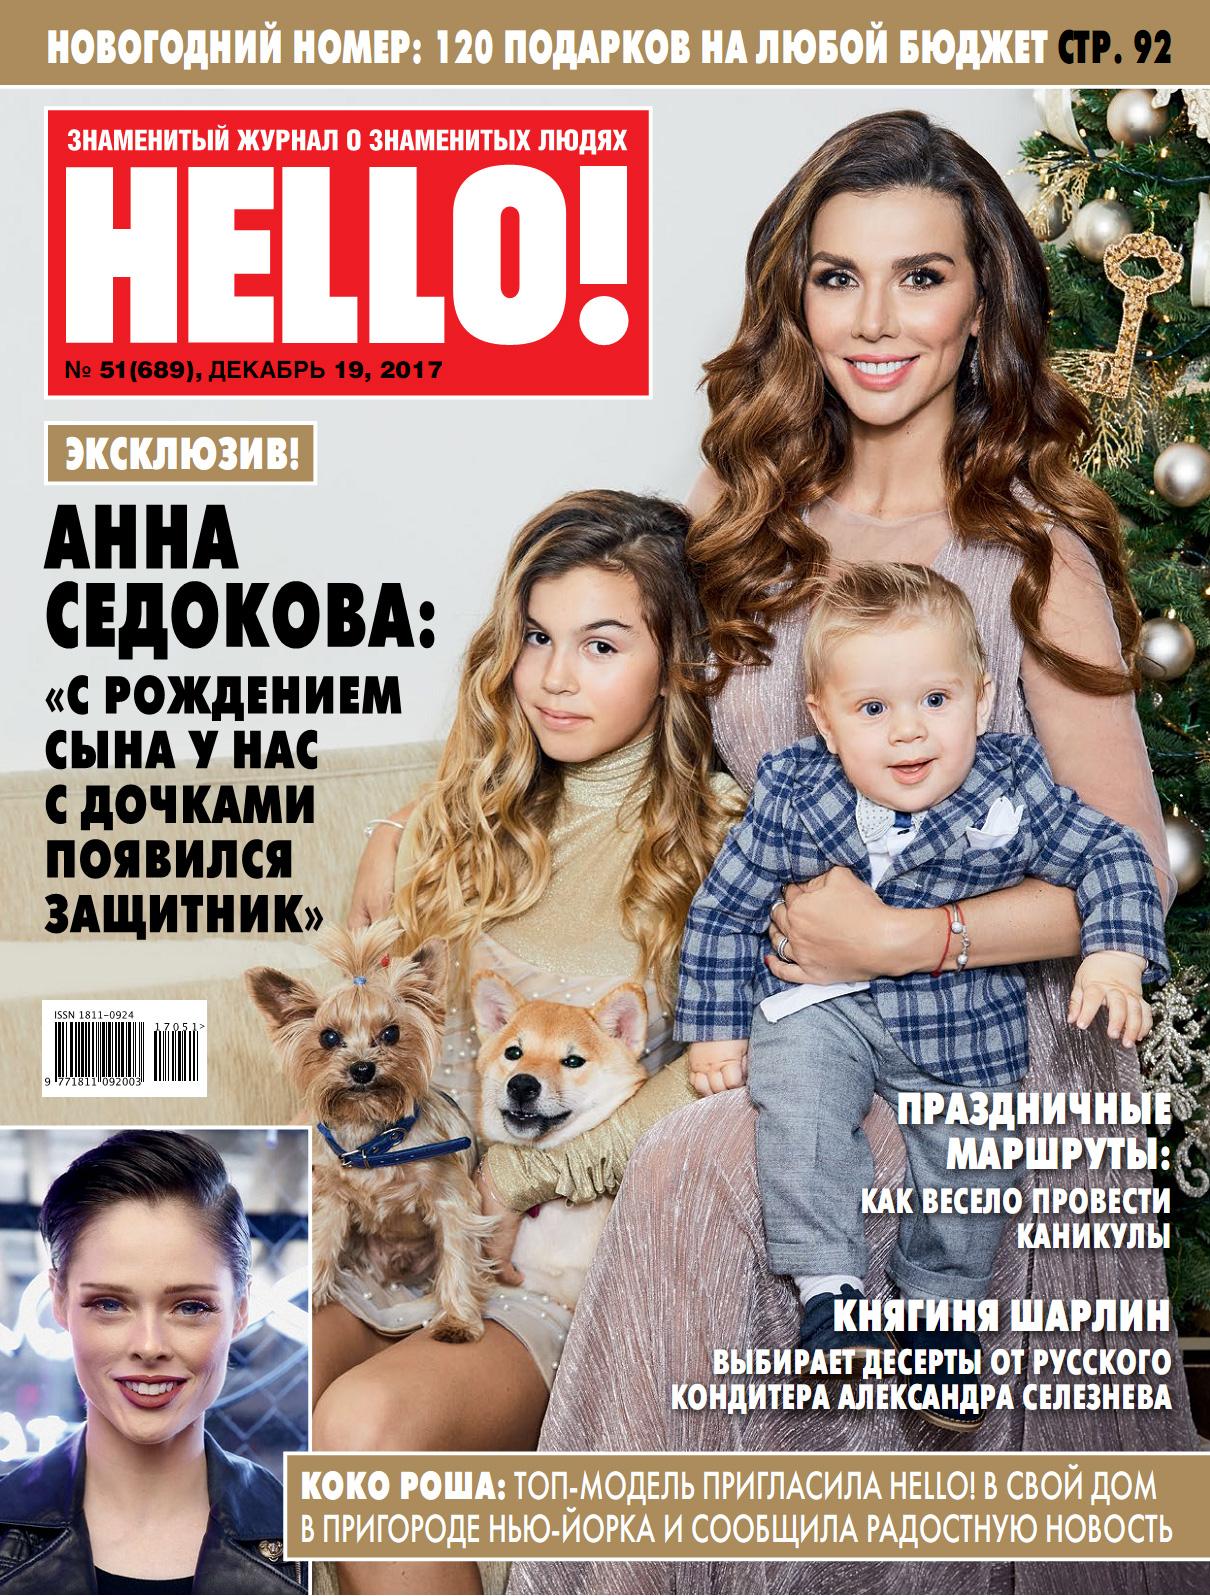 Дочь Анны Седоковой Анна в платье и водолазке A LA RUSSE на обложке журнала HELLO